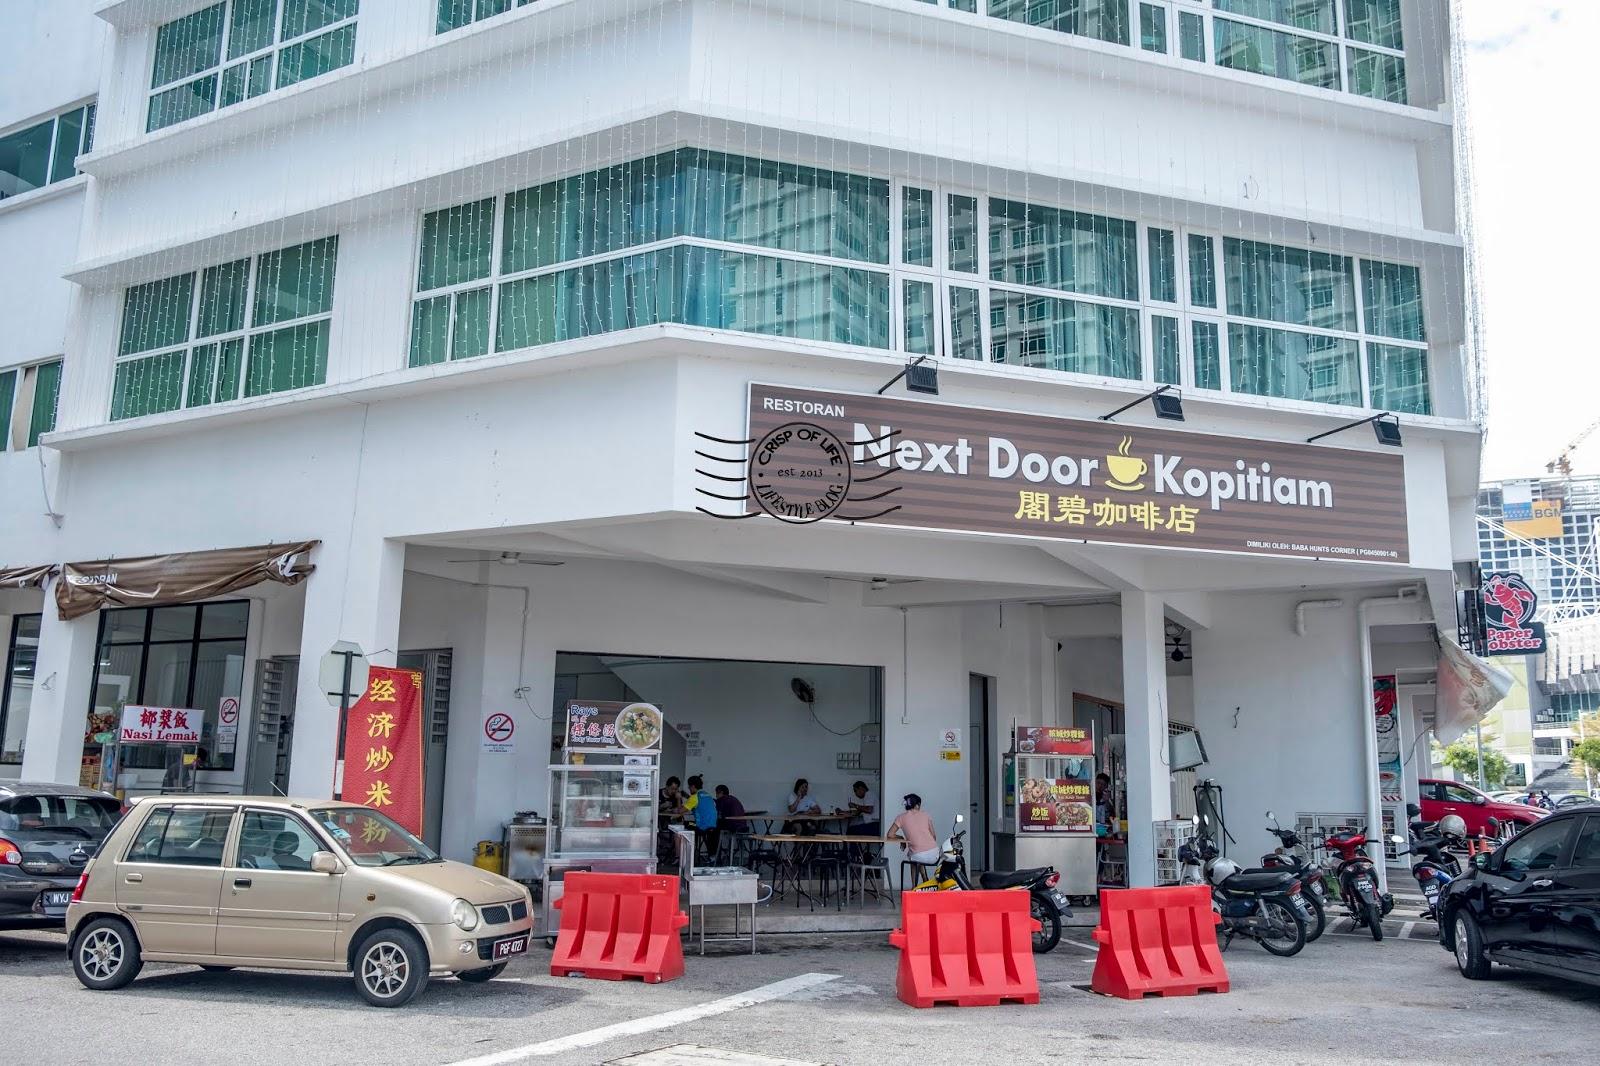 New Kopitiam Near Olive Tree Hotel - Next Door Kopitiam